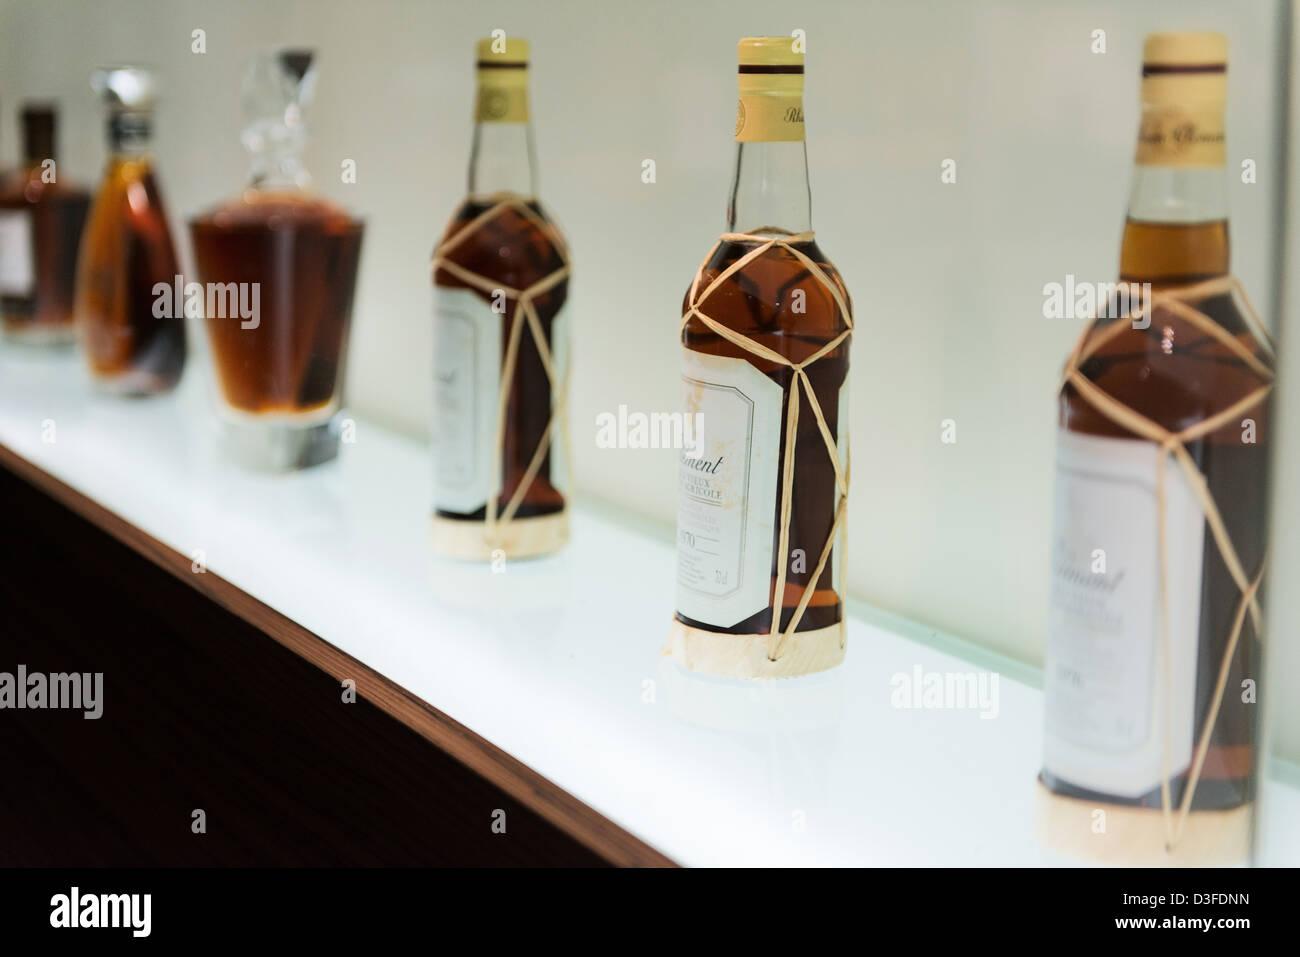 Bottiglie di rum, dimora di Clemente, Le Francois, Martinica Isola, Piccole Antille, il Mare dei Caraibi, Francia Immagini Stock